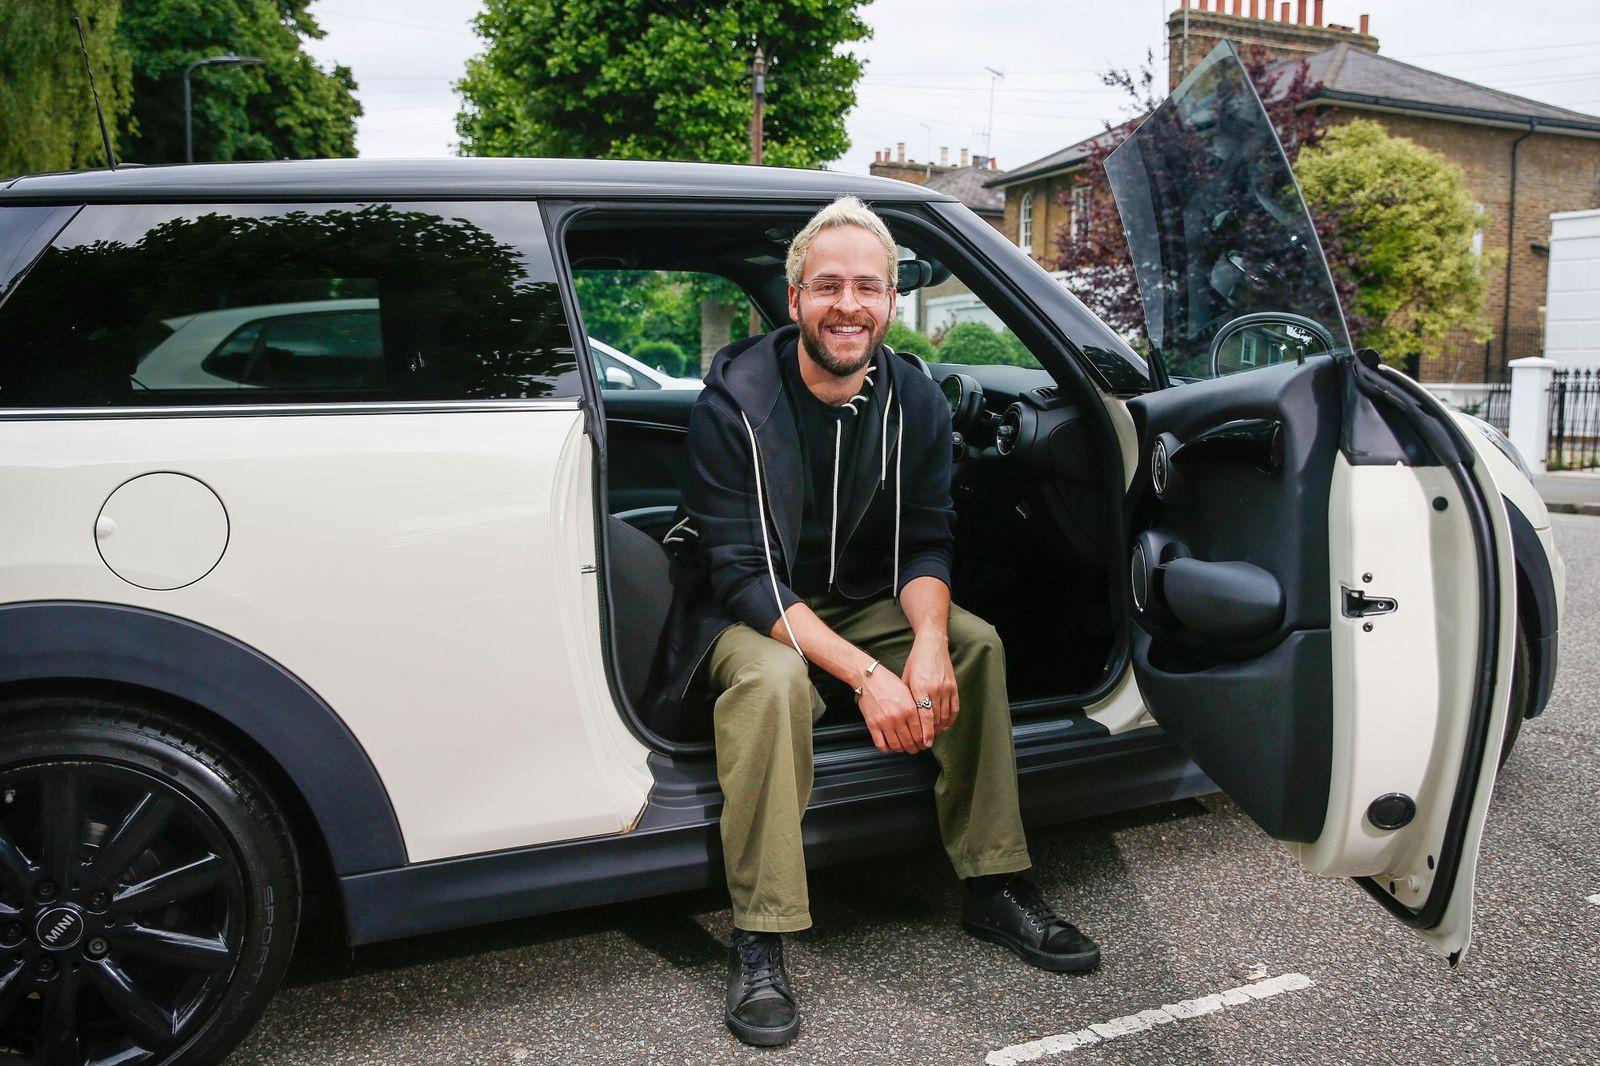 Basdanis chọn một chiếc xe cũ với khoản tiền tiết kiệm. Ảnh: Bloomberg.